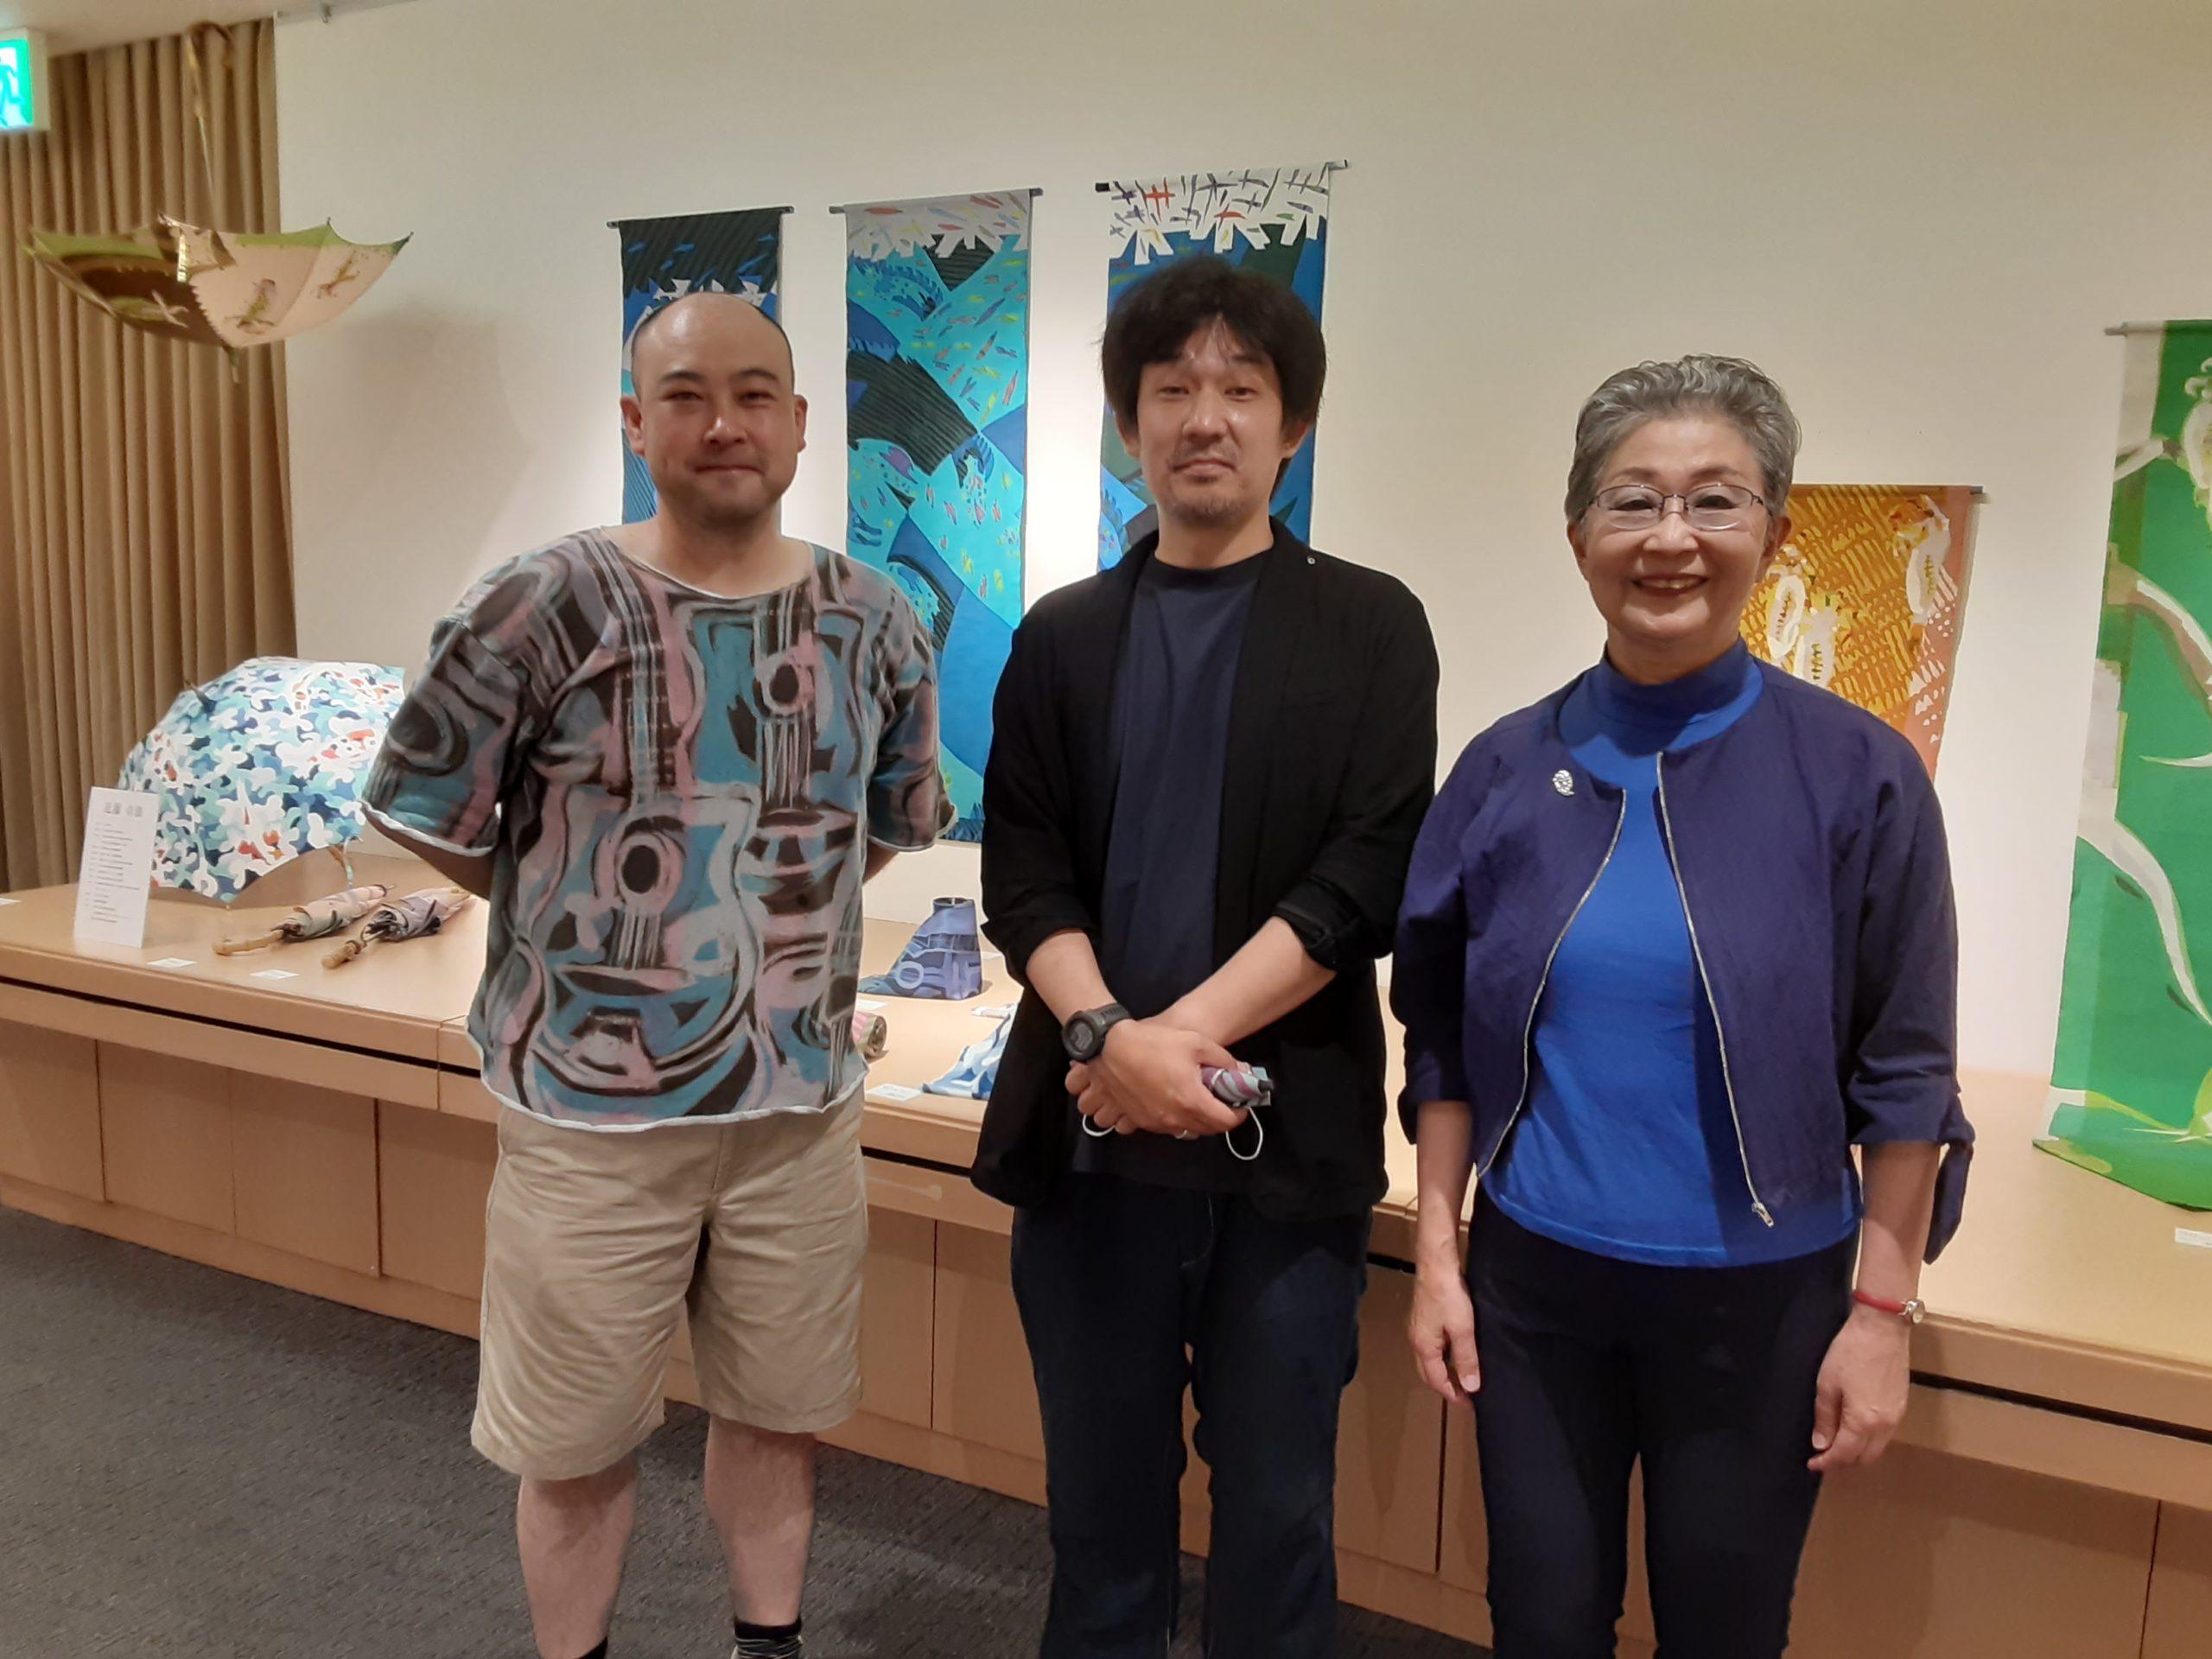 わが大山崎町の素敵な芸術家さんを紹介します🎶染色作家の近藤さんで展覧会へ行きました。素敵な作品が💐